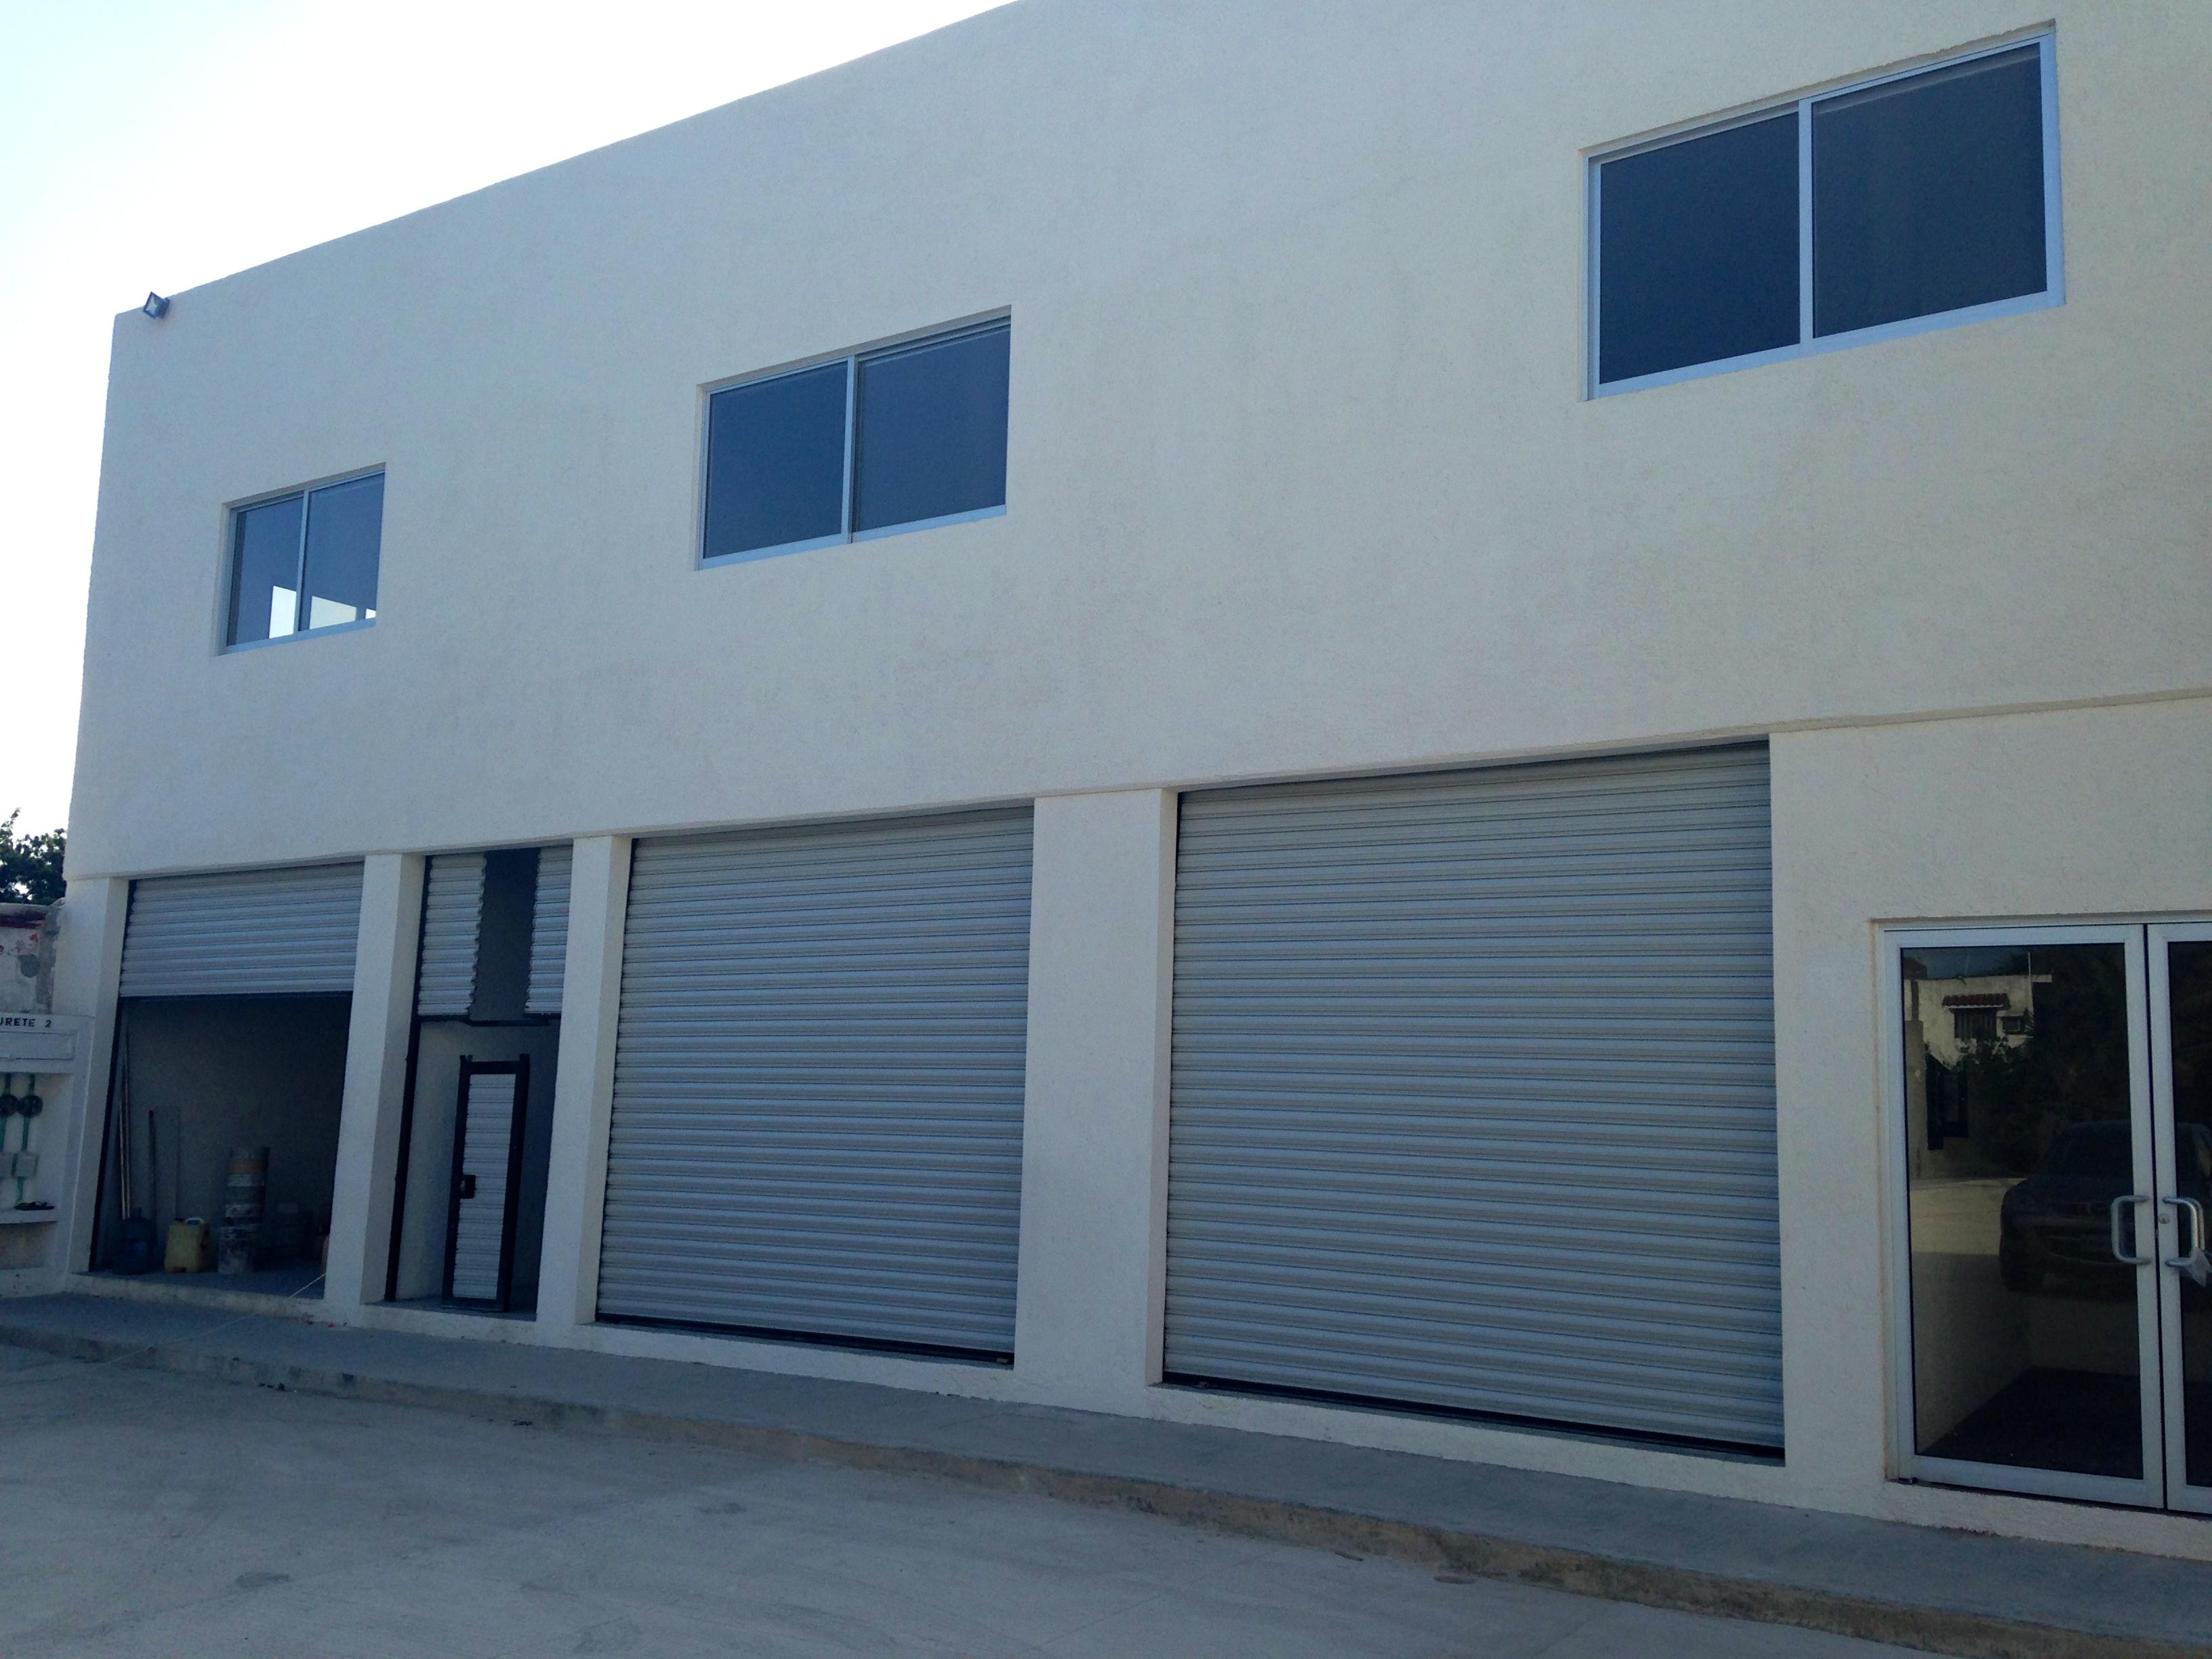 Renta de Bodegas Nuevas tamaños de 160m2 a 2500m2 Av. Colosio cerca aeropuerto Cancun